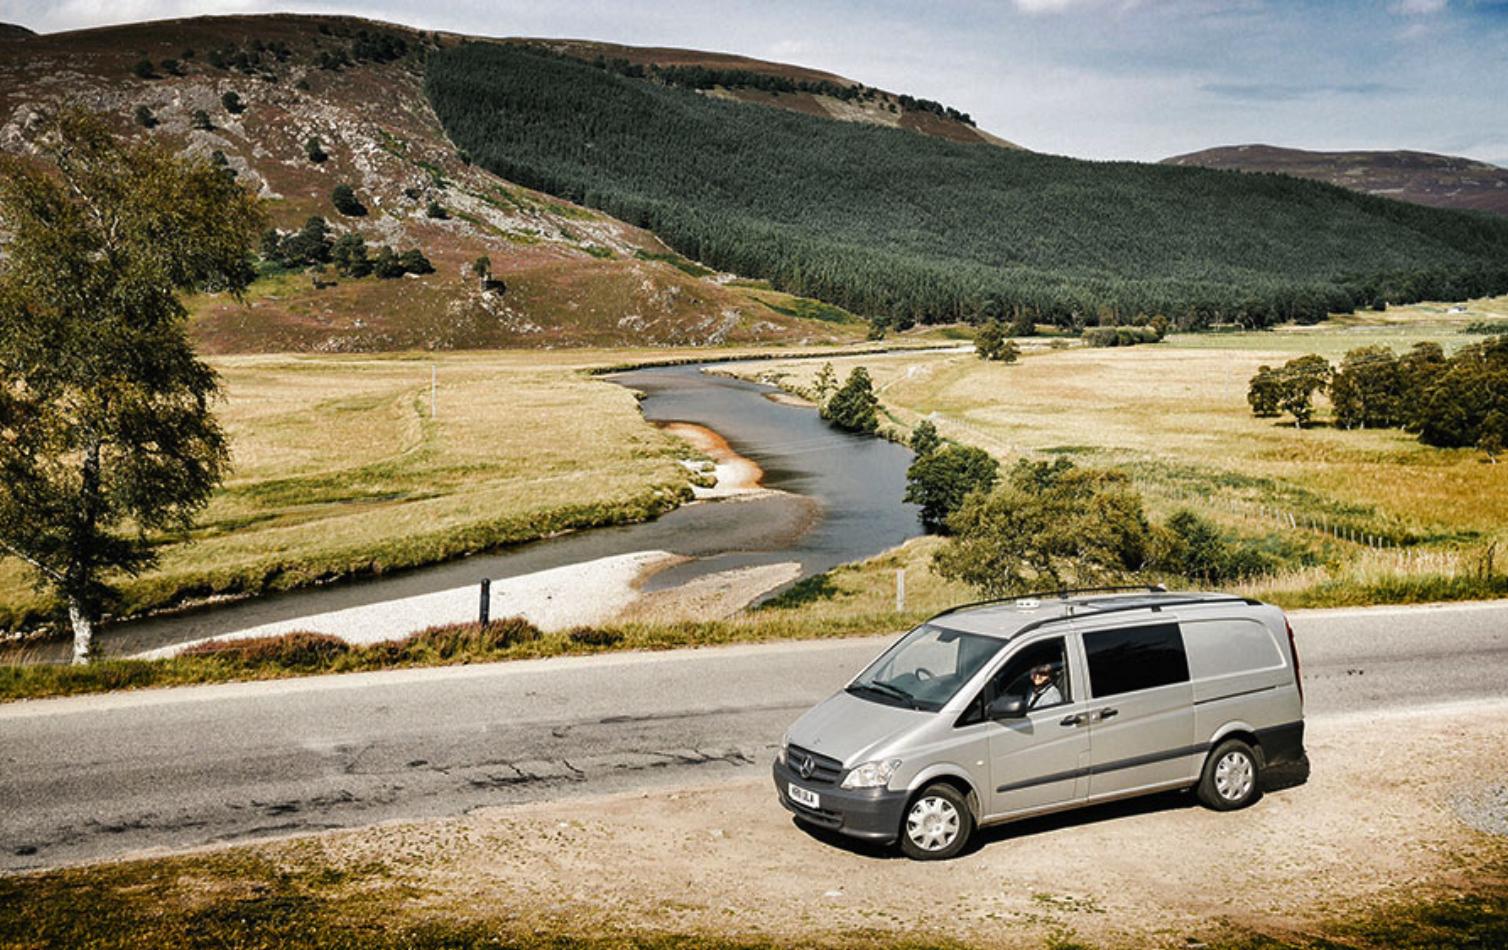 Att resa i Englands vackra landsbyggd i en Quirky Camper - en ombyggd Mercedes-Benz Van - ger utrymme för spontanitet och frihet.